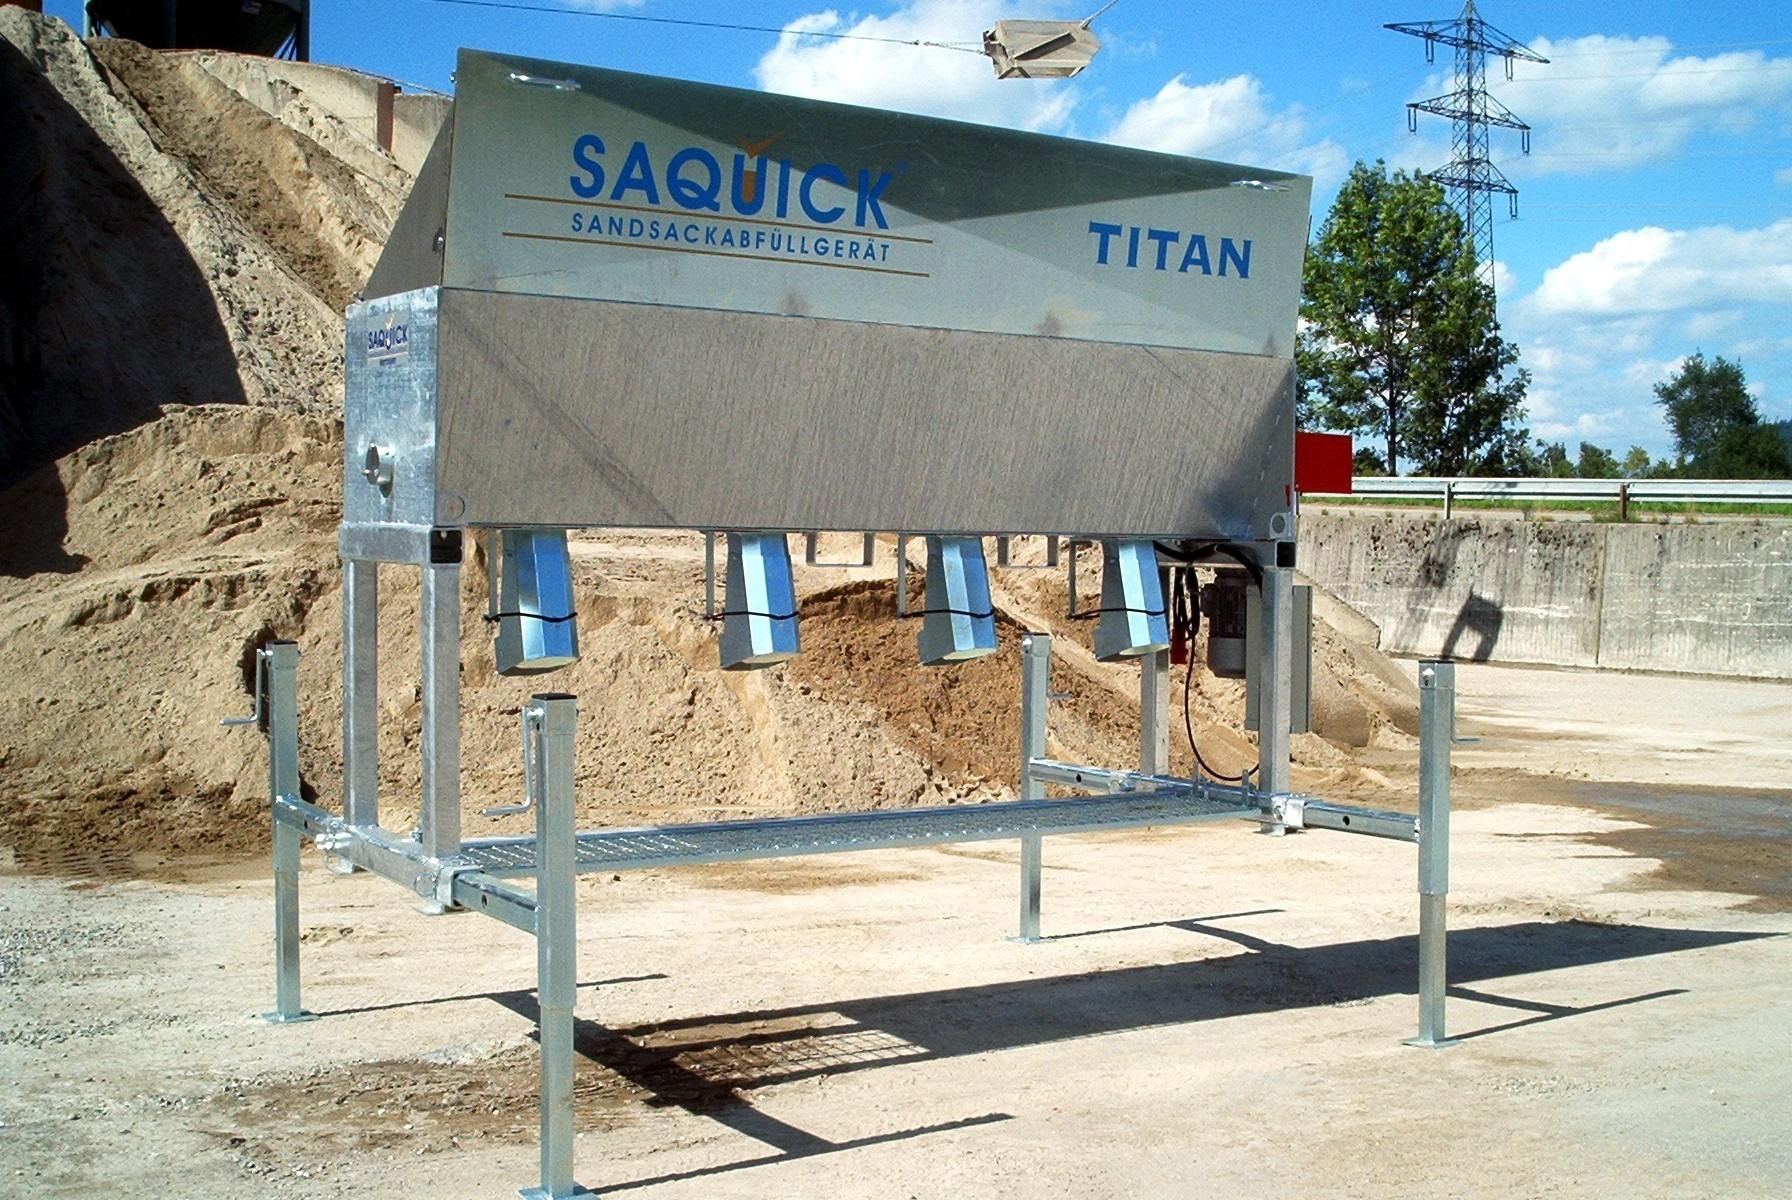 Fülltechnik für Sandsäcke: die SAQUICK Titan 2400